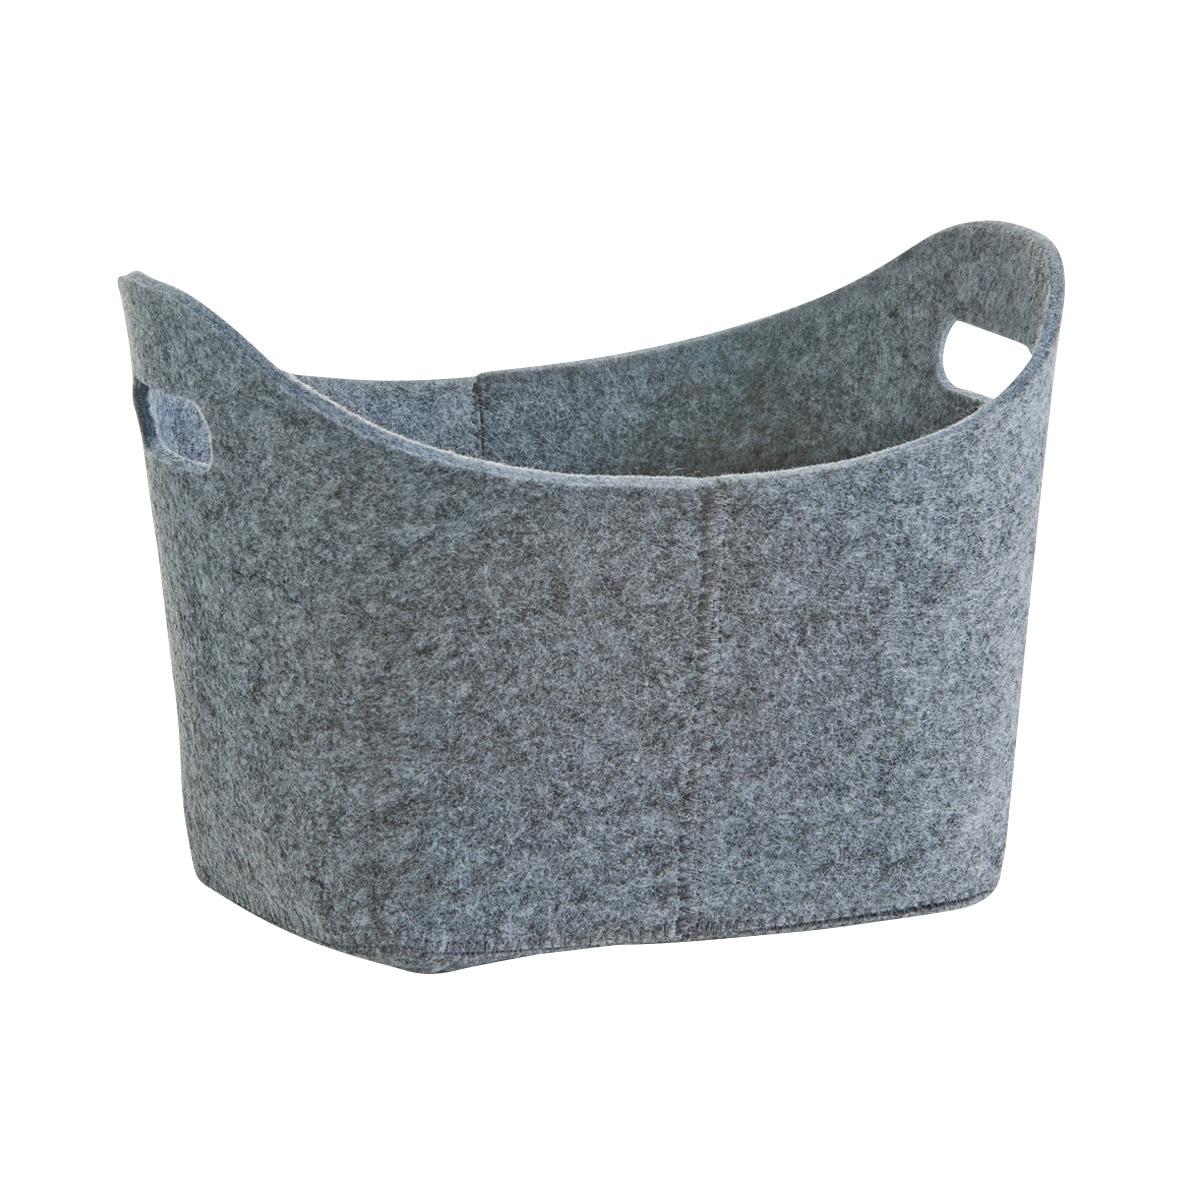 Zeller Present Aufbewahrungskorb, oval, aus Filz grau Ablagen Aufbewahrung Bad-Accessoires Bad Sanitär Aufbewahrungskorb